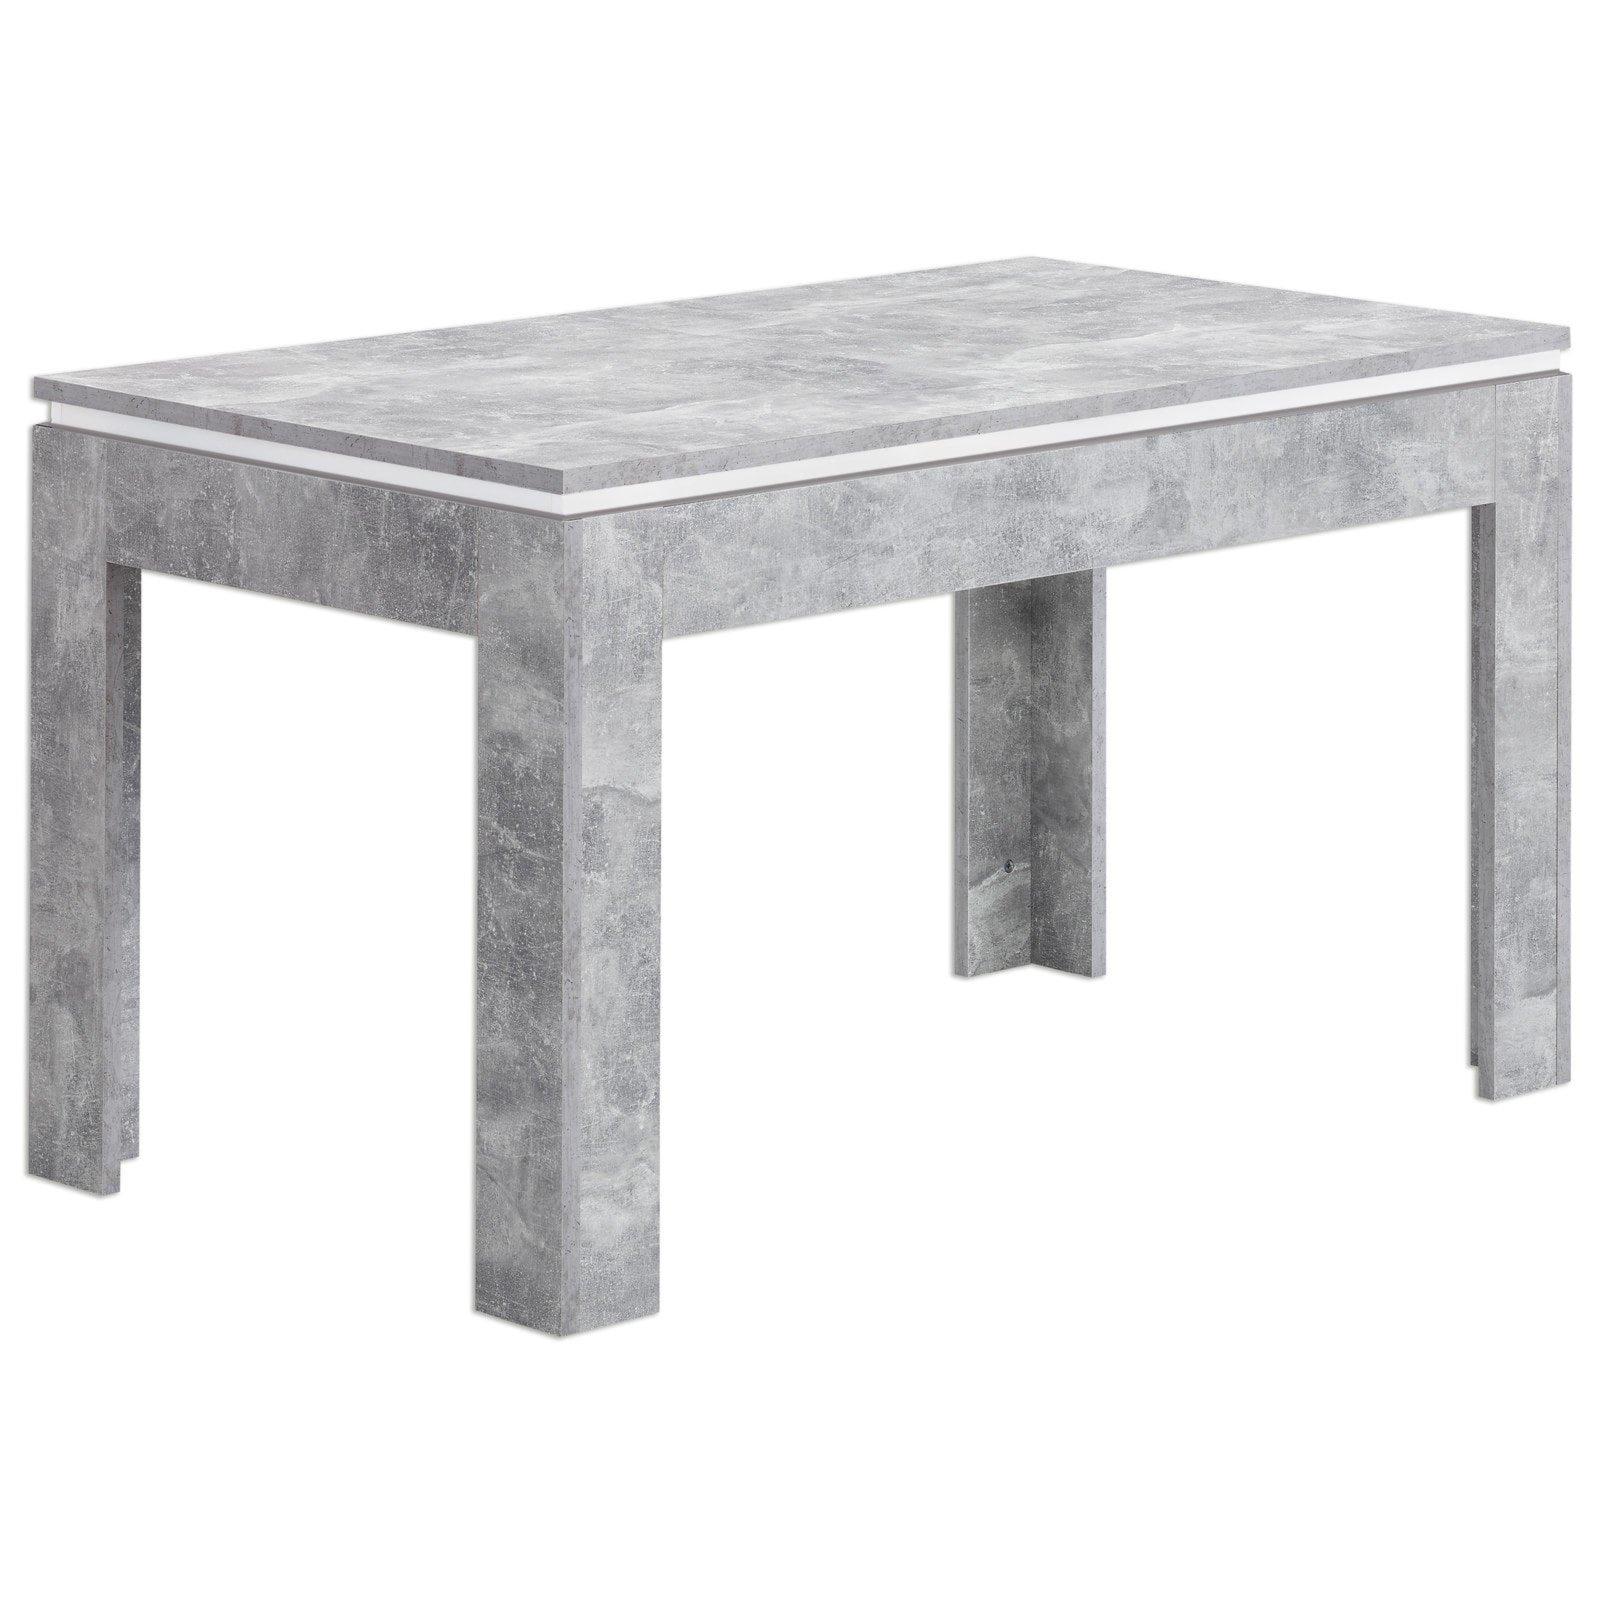 esstisch stone - beton-weiß - ausziehbar | esstische | sitzen